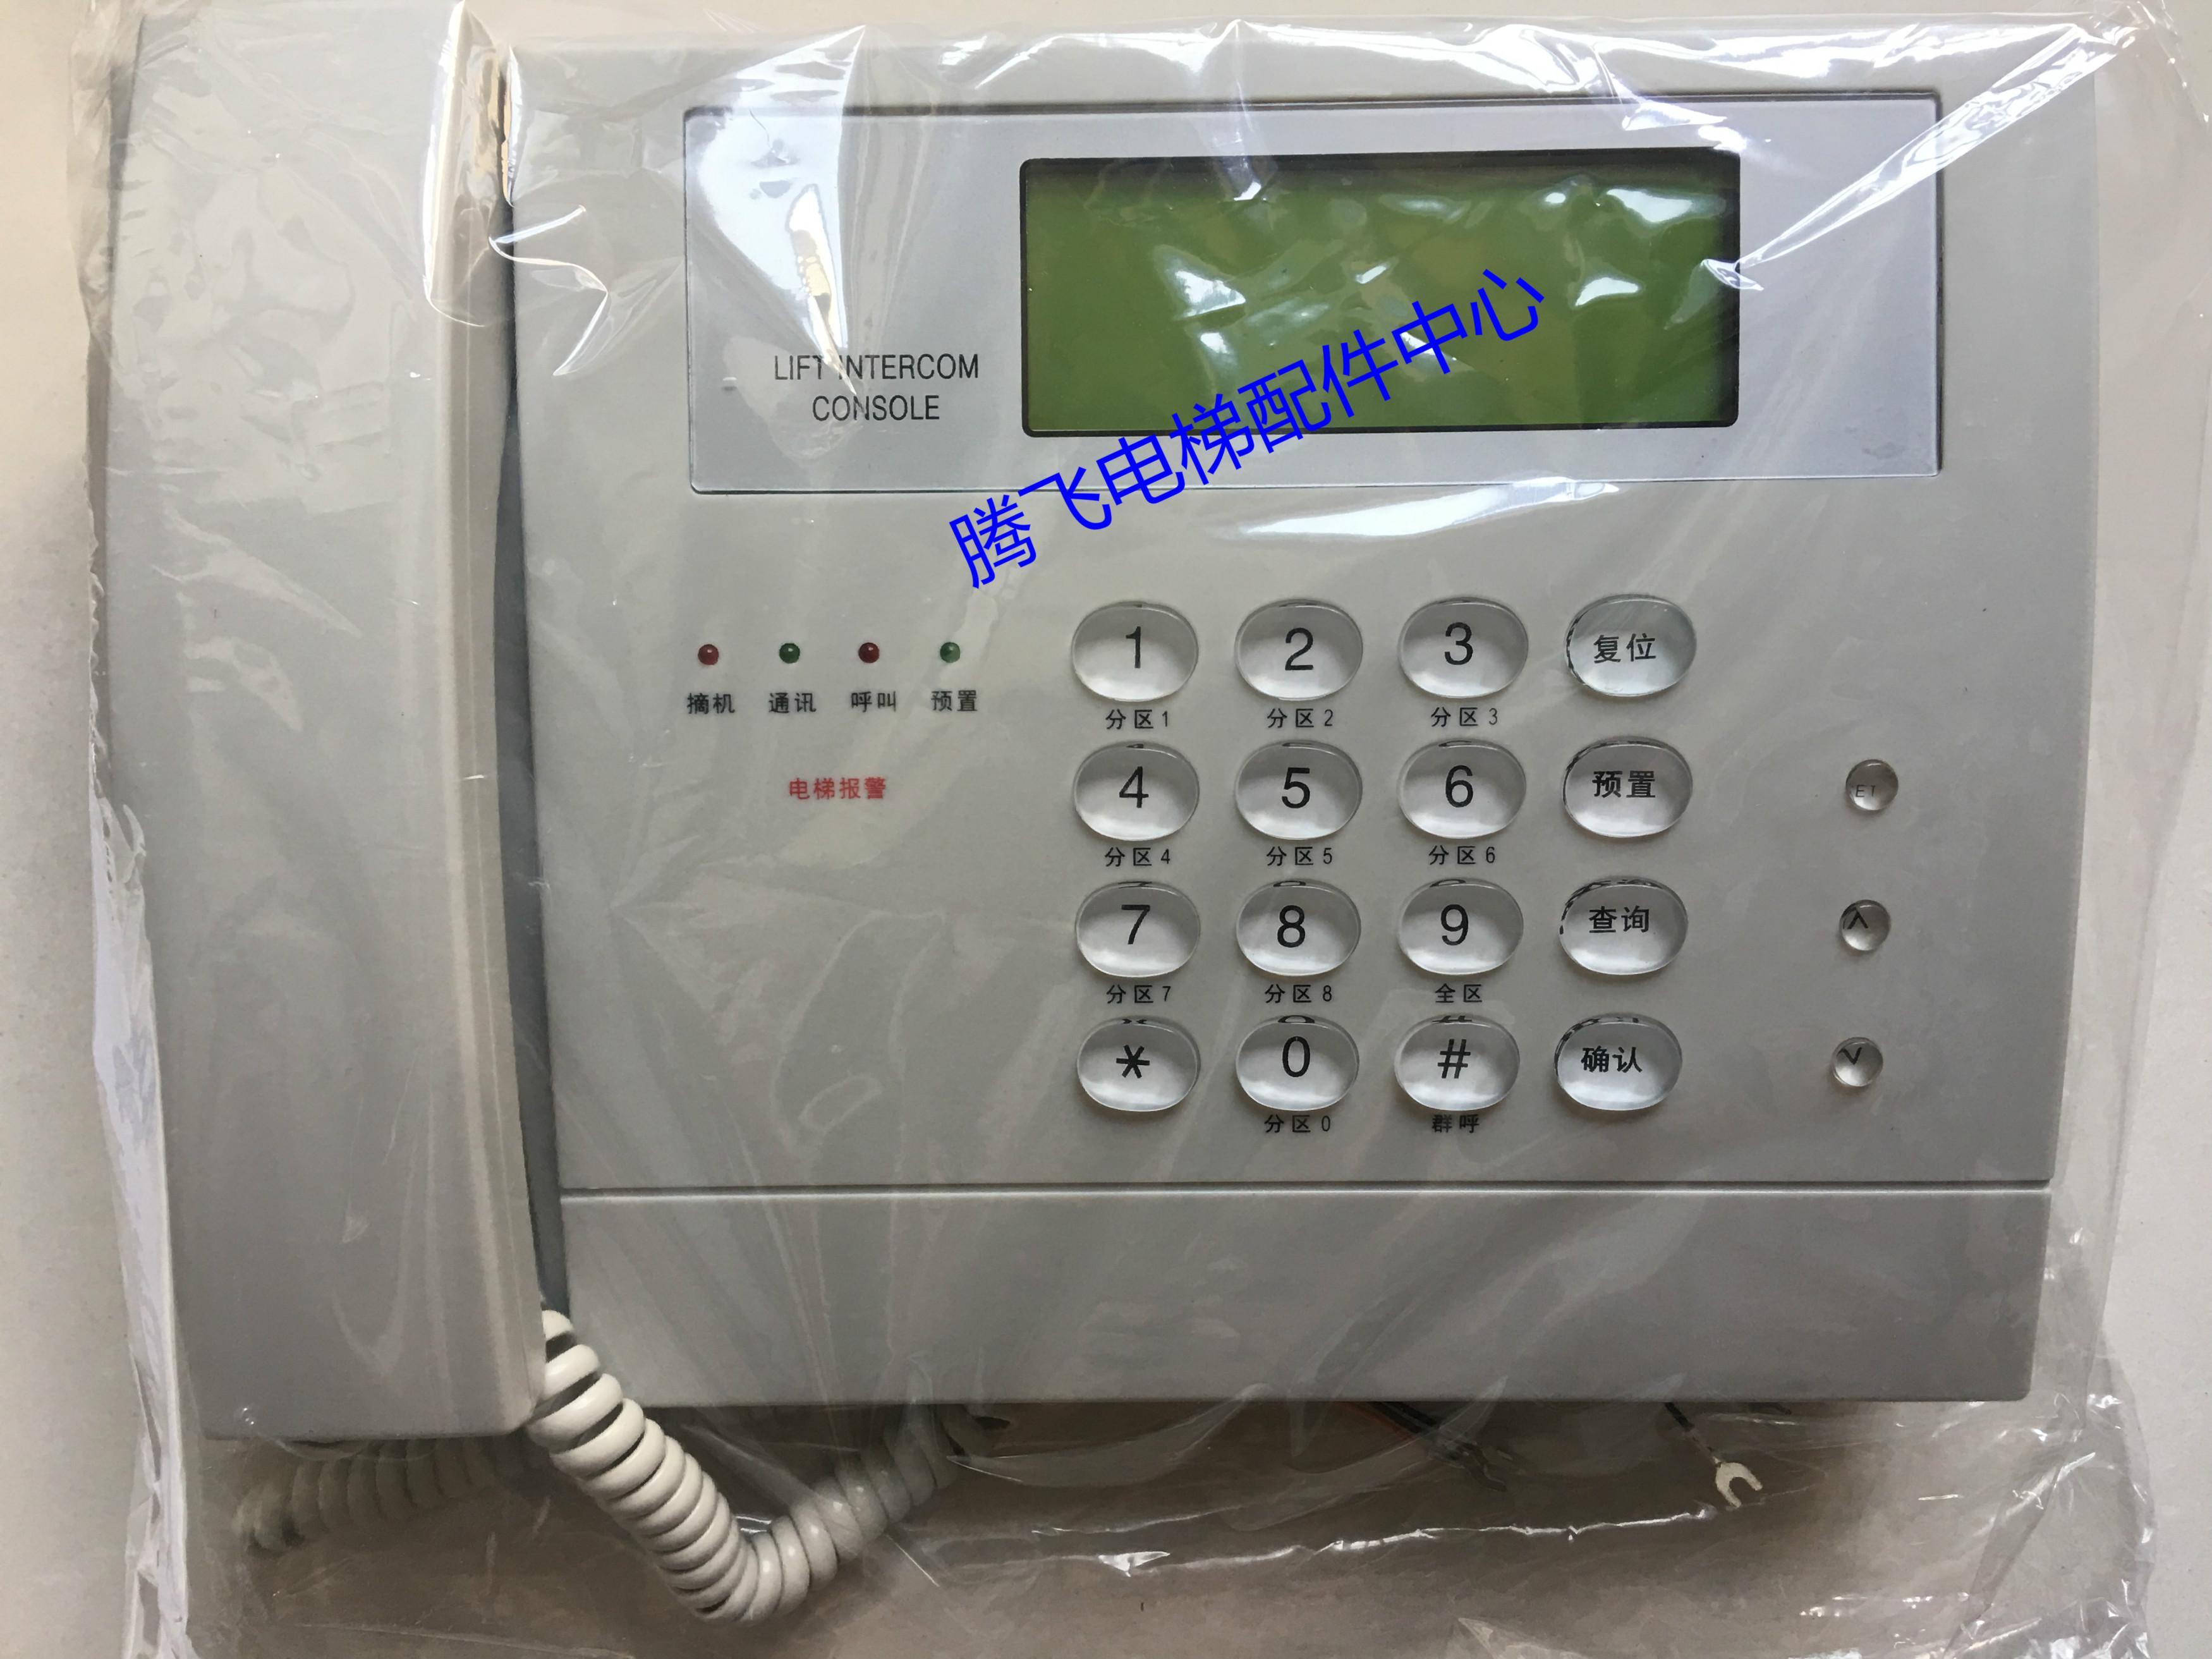 三菱电梯五方通话装置/本地通话/电梯对讲主机终端/zdh01-020-gg